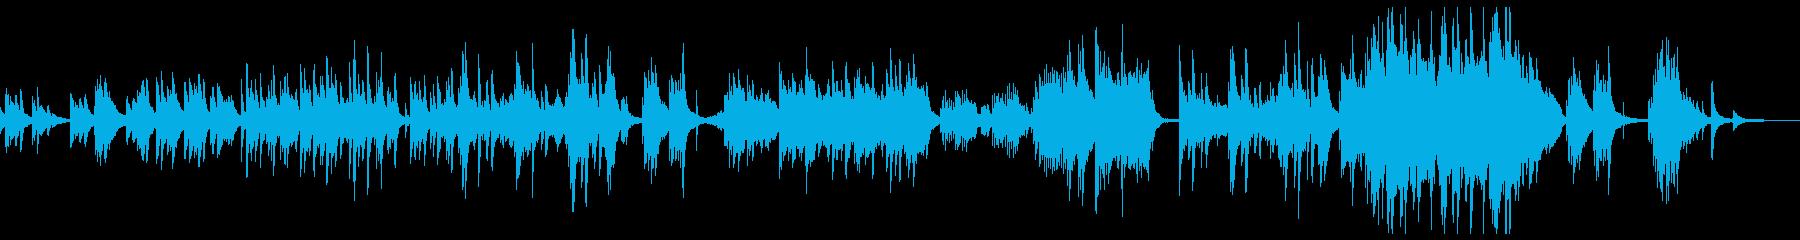 ピアノのアンビエント 夜明け前 静かな時の再生済みの波形